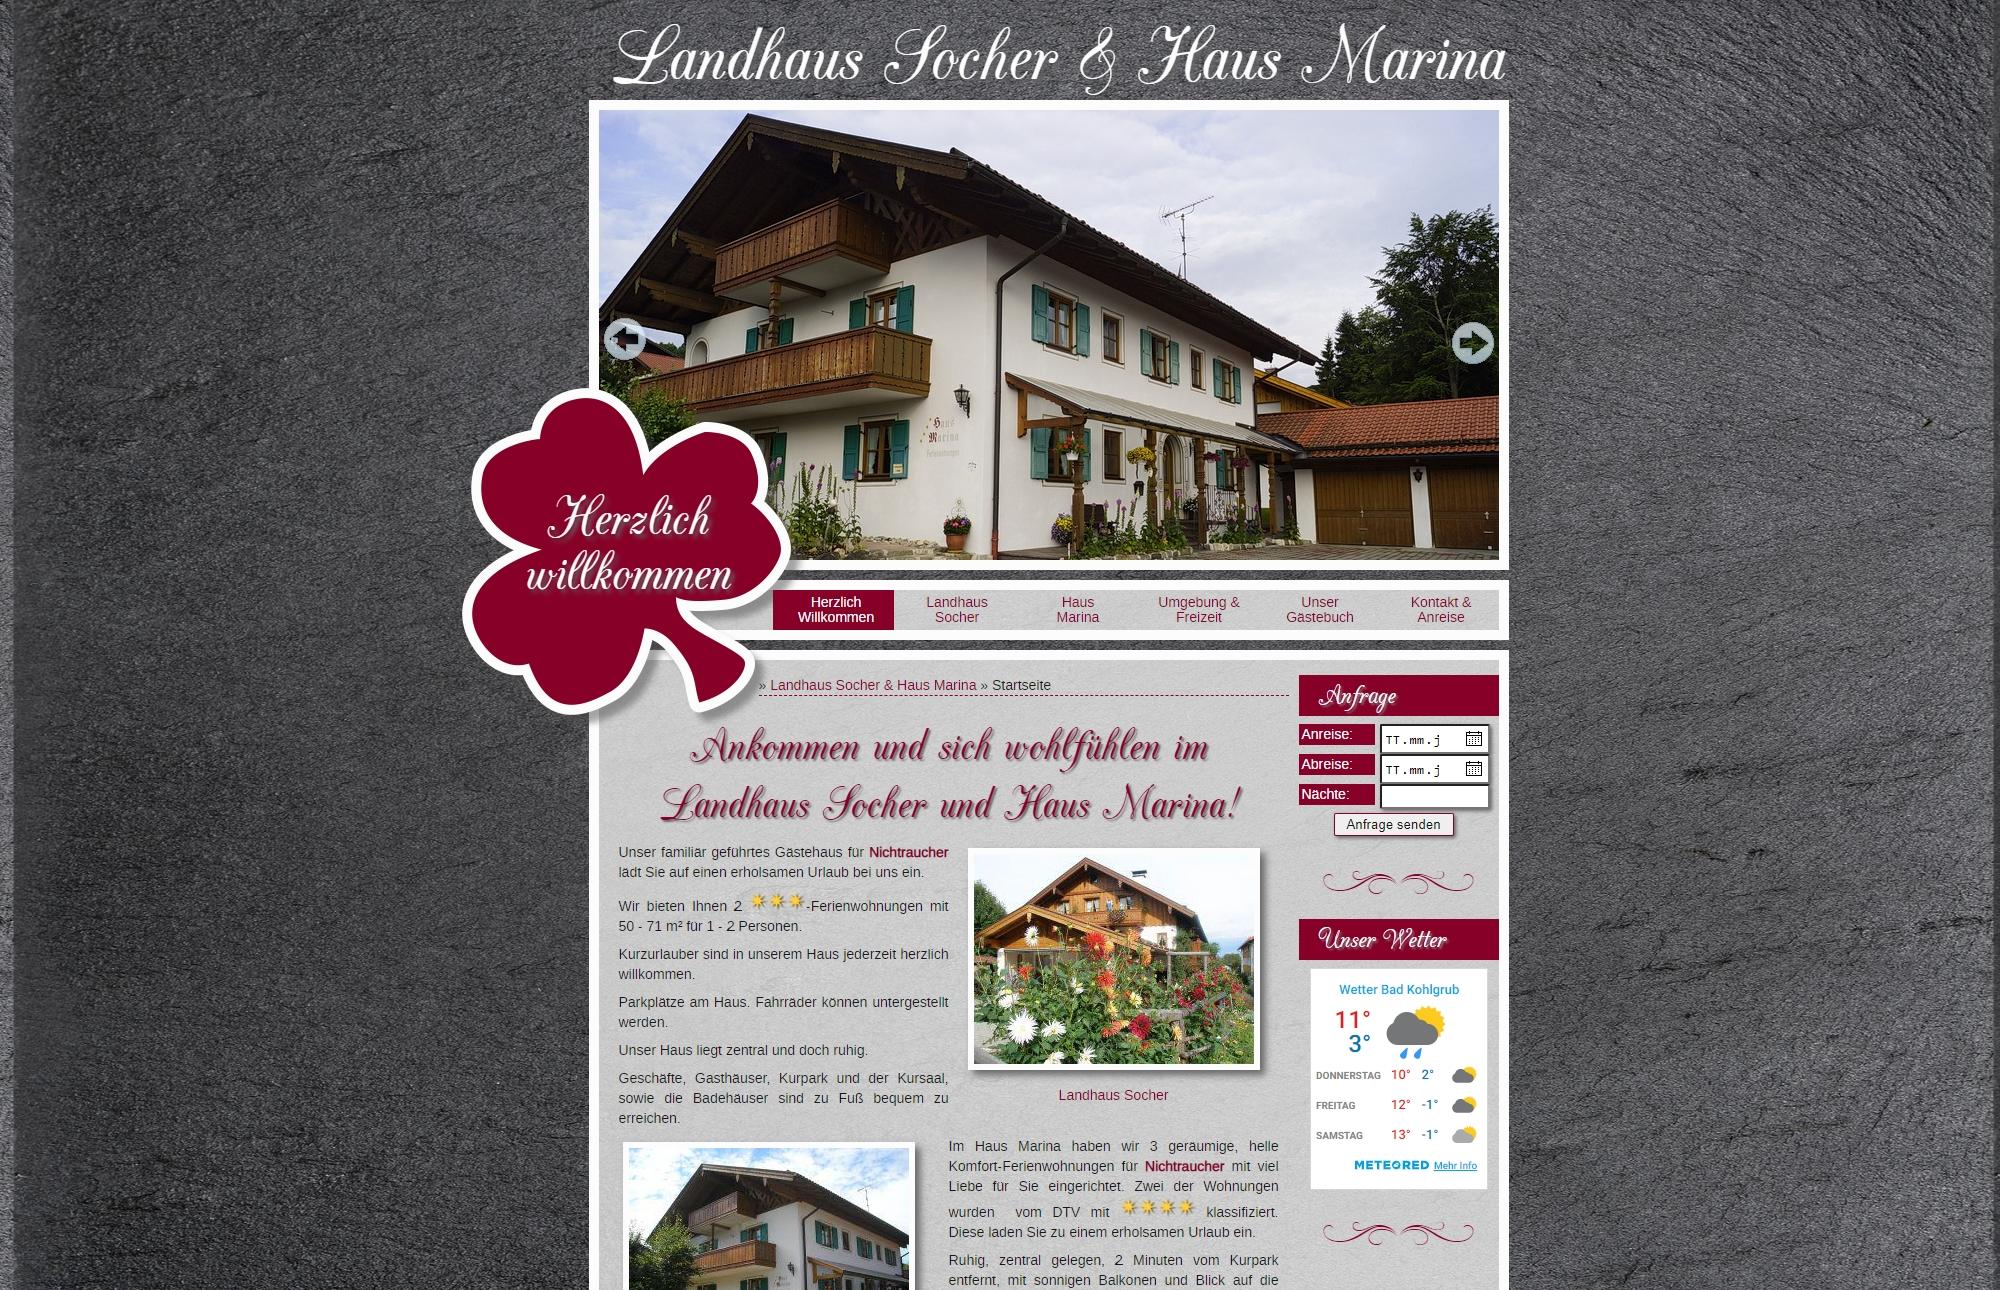 Landhaus Socher, Bad Kohlgrub